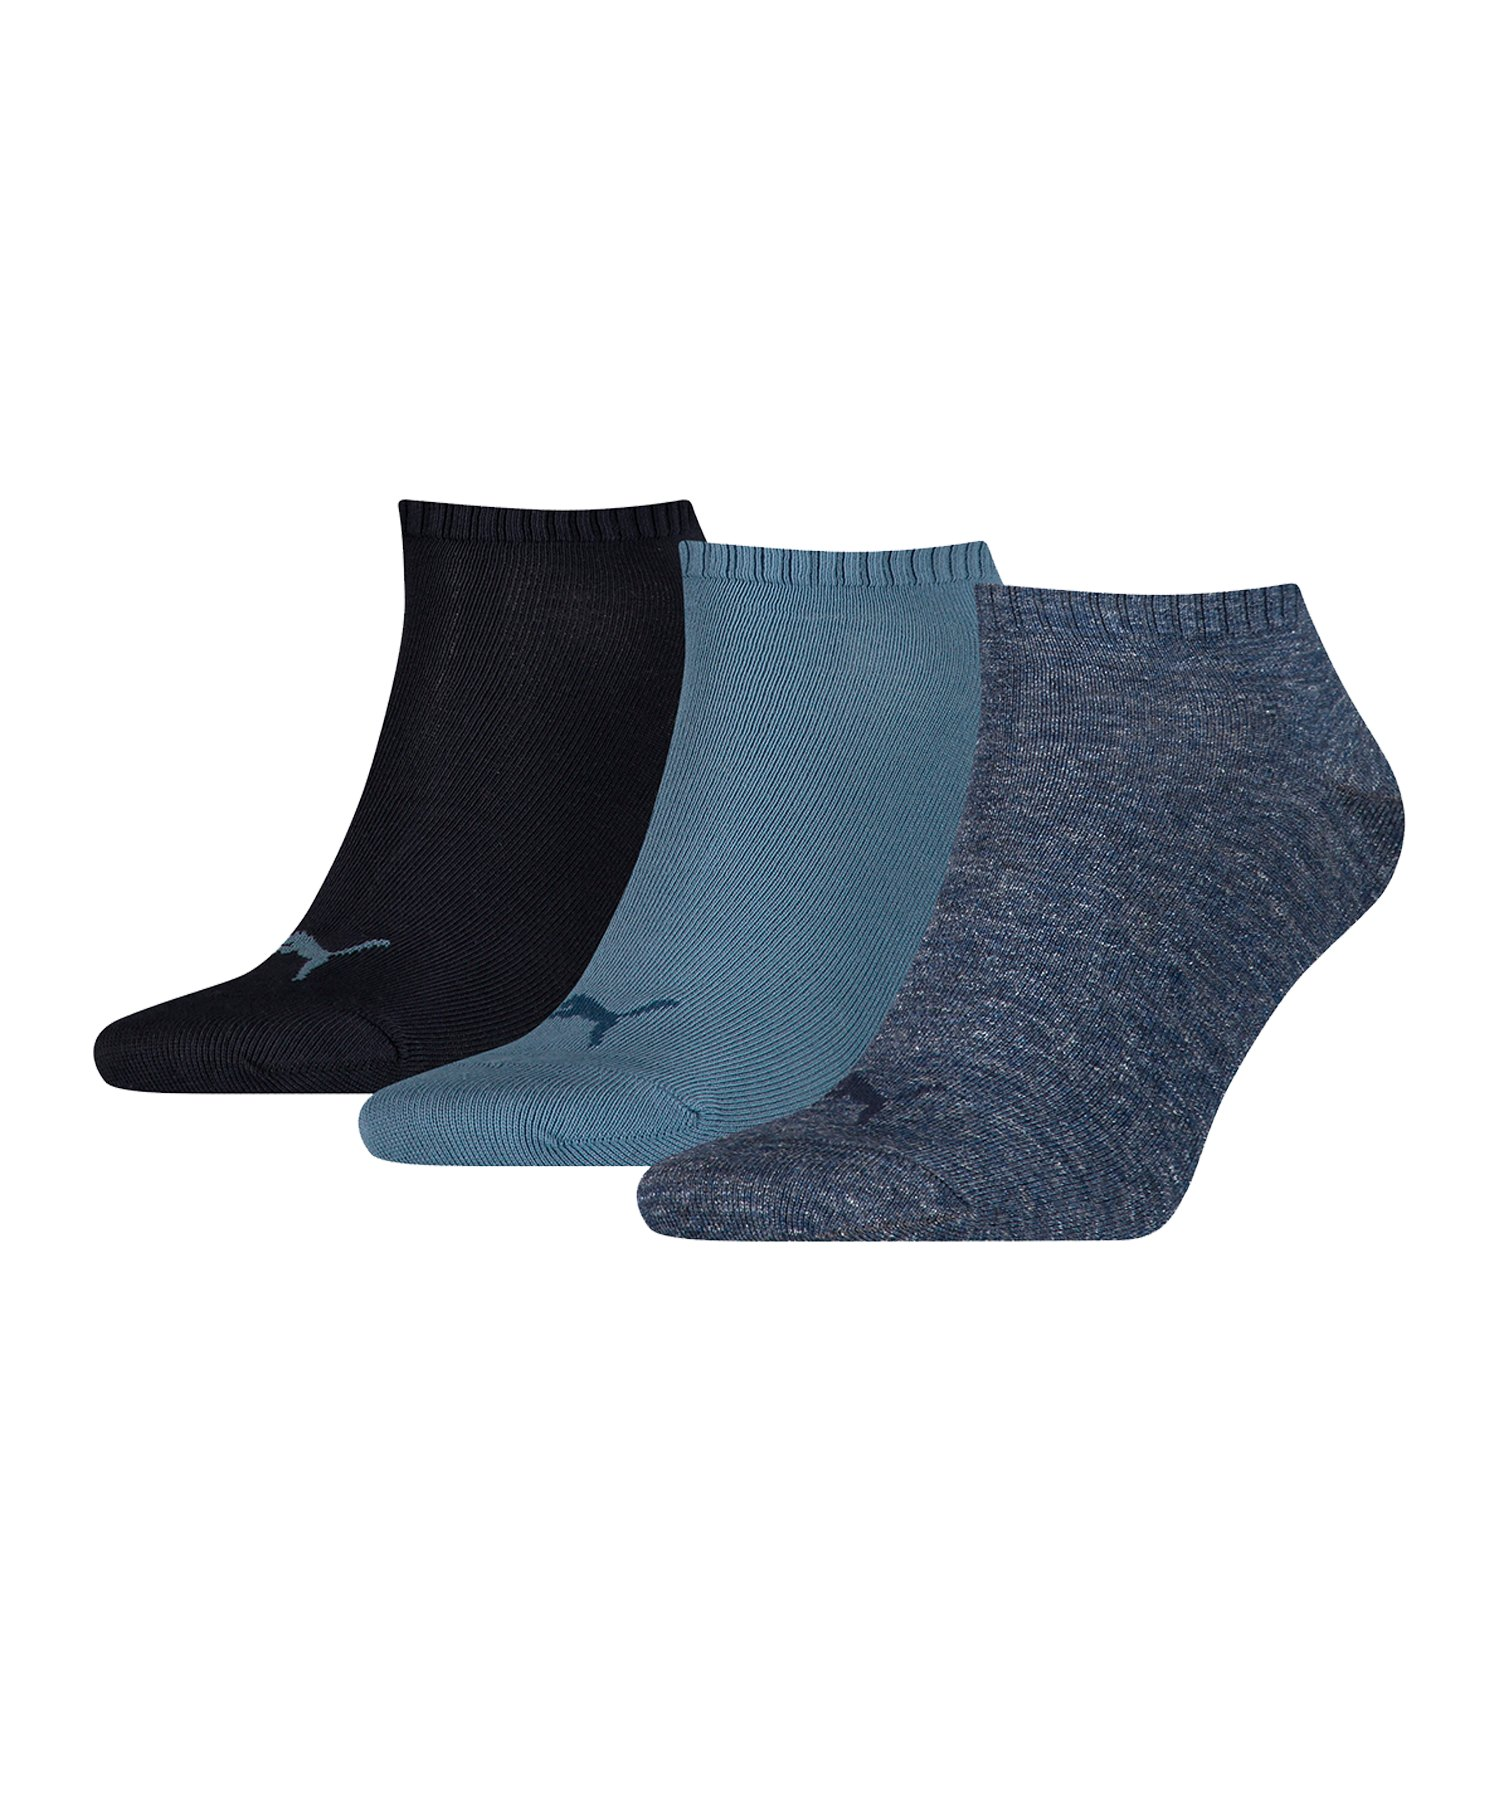 PUMA Unisex Sneaker Plain 3er Pack Socken F460 - blau